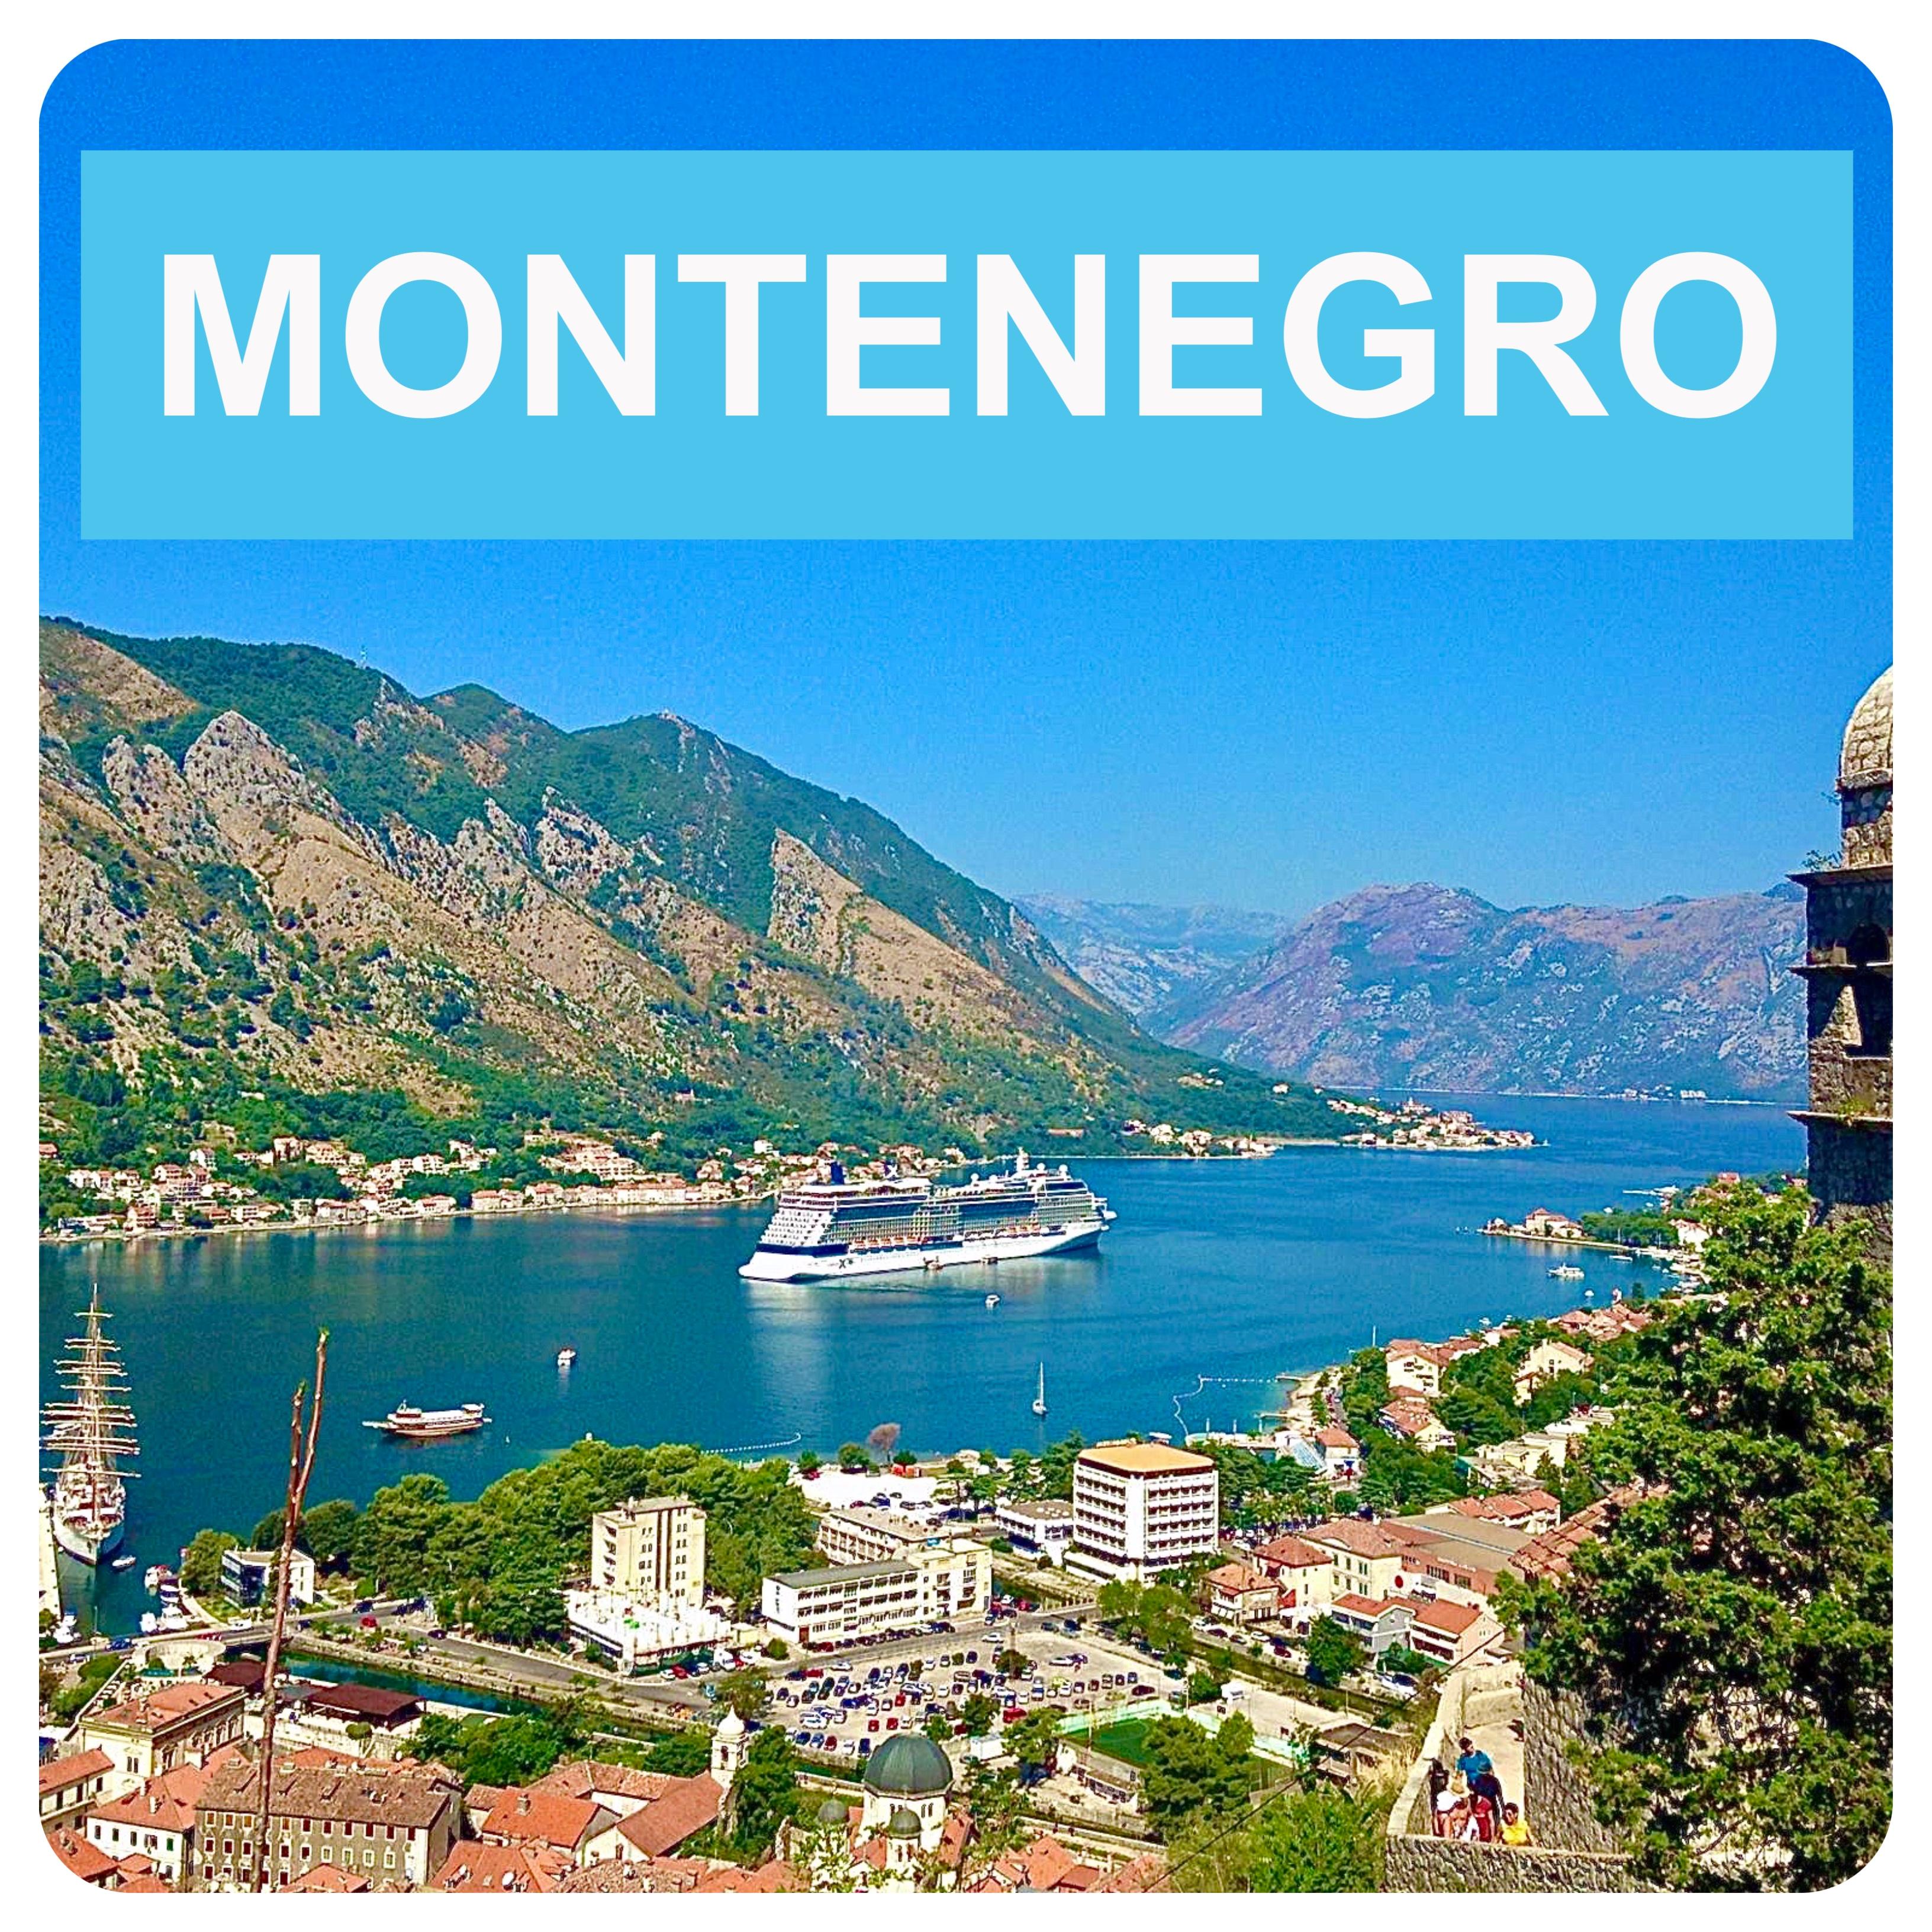 Noleggio auto montenegro senza carta di credito